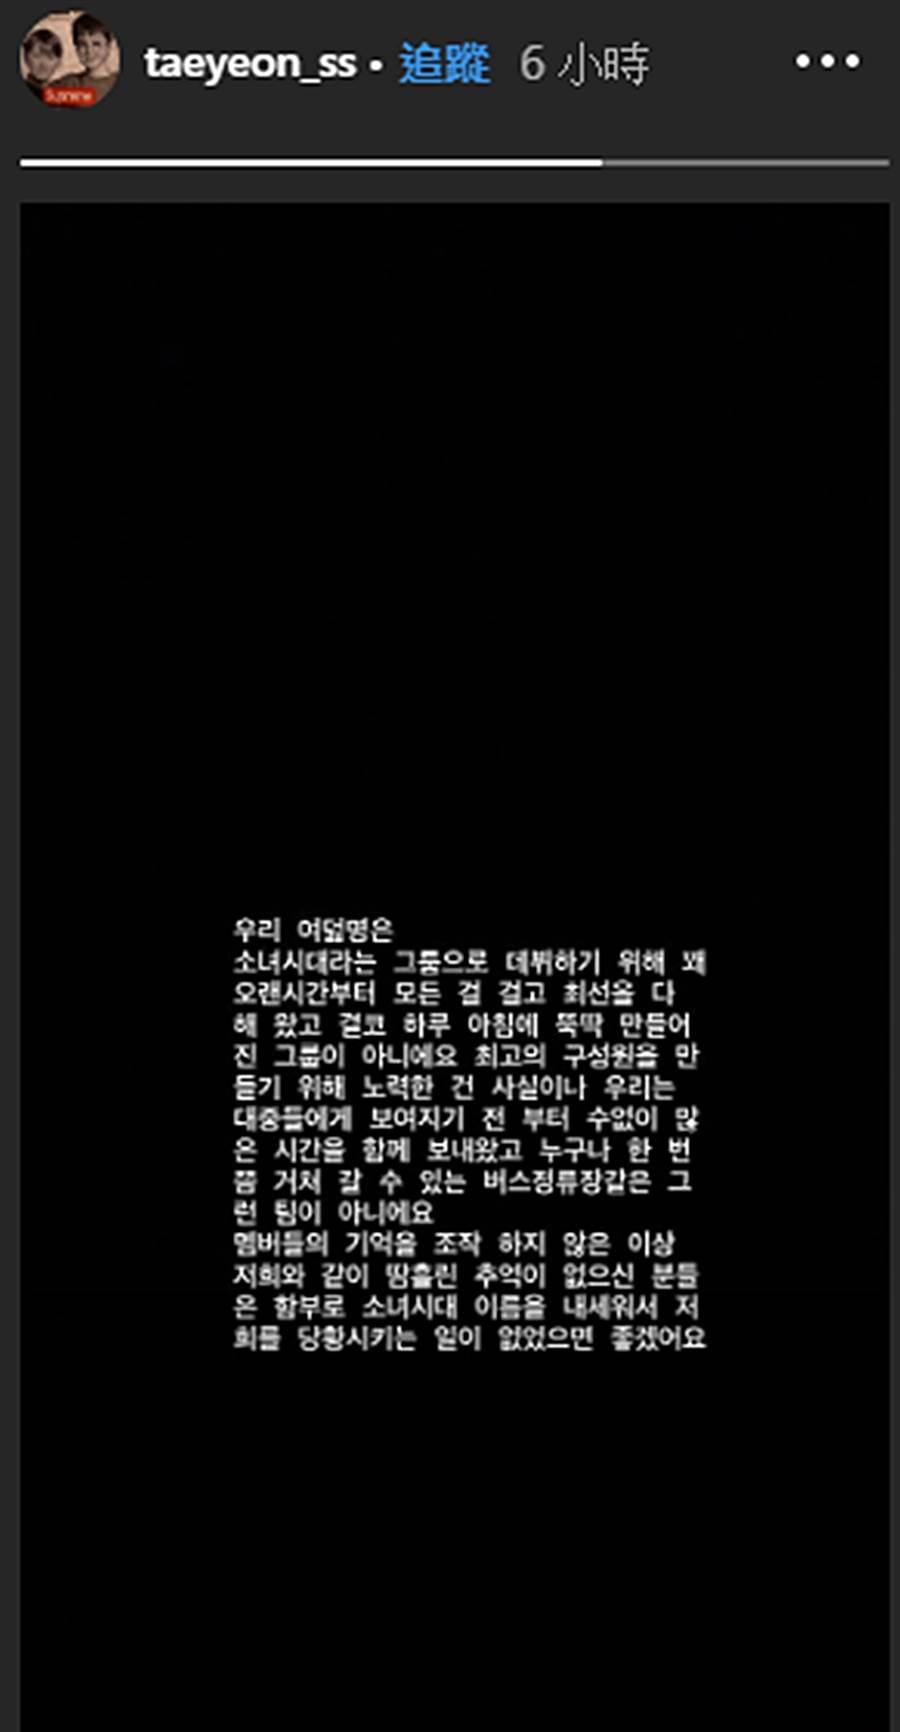 太妍發文表示少女時代不是誰都能經過的公車站牌。(圖/翻攝自taeyeon_ss IG)